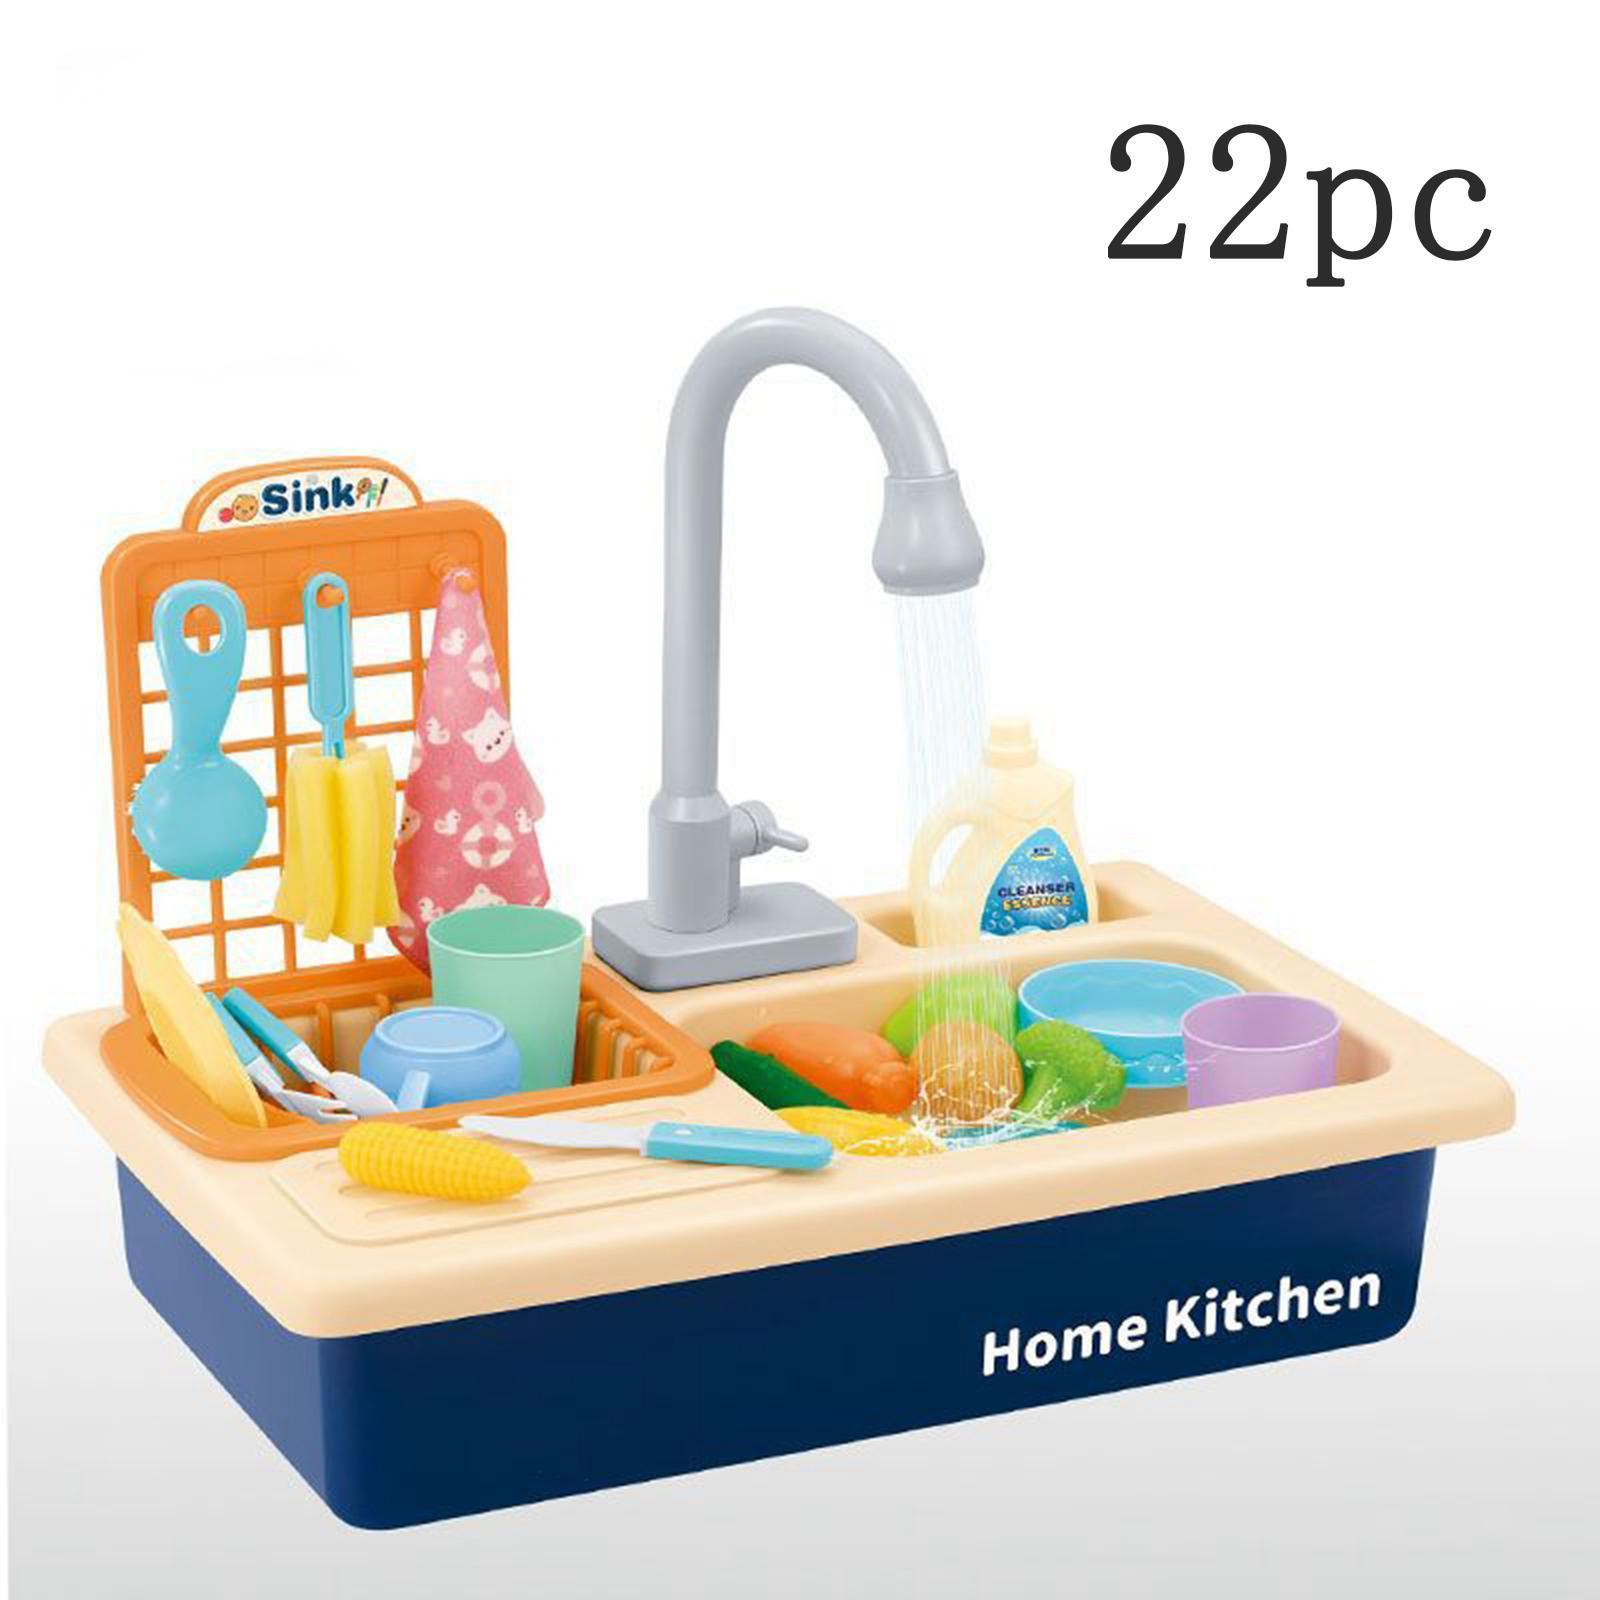 Indexbild 7 - Kinder-Kueche-Spielen-Waschbecken-Spielzeug-Automatische-Wasser-Zyklus-System